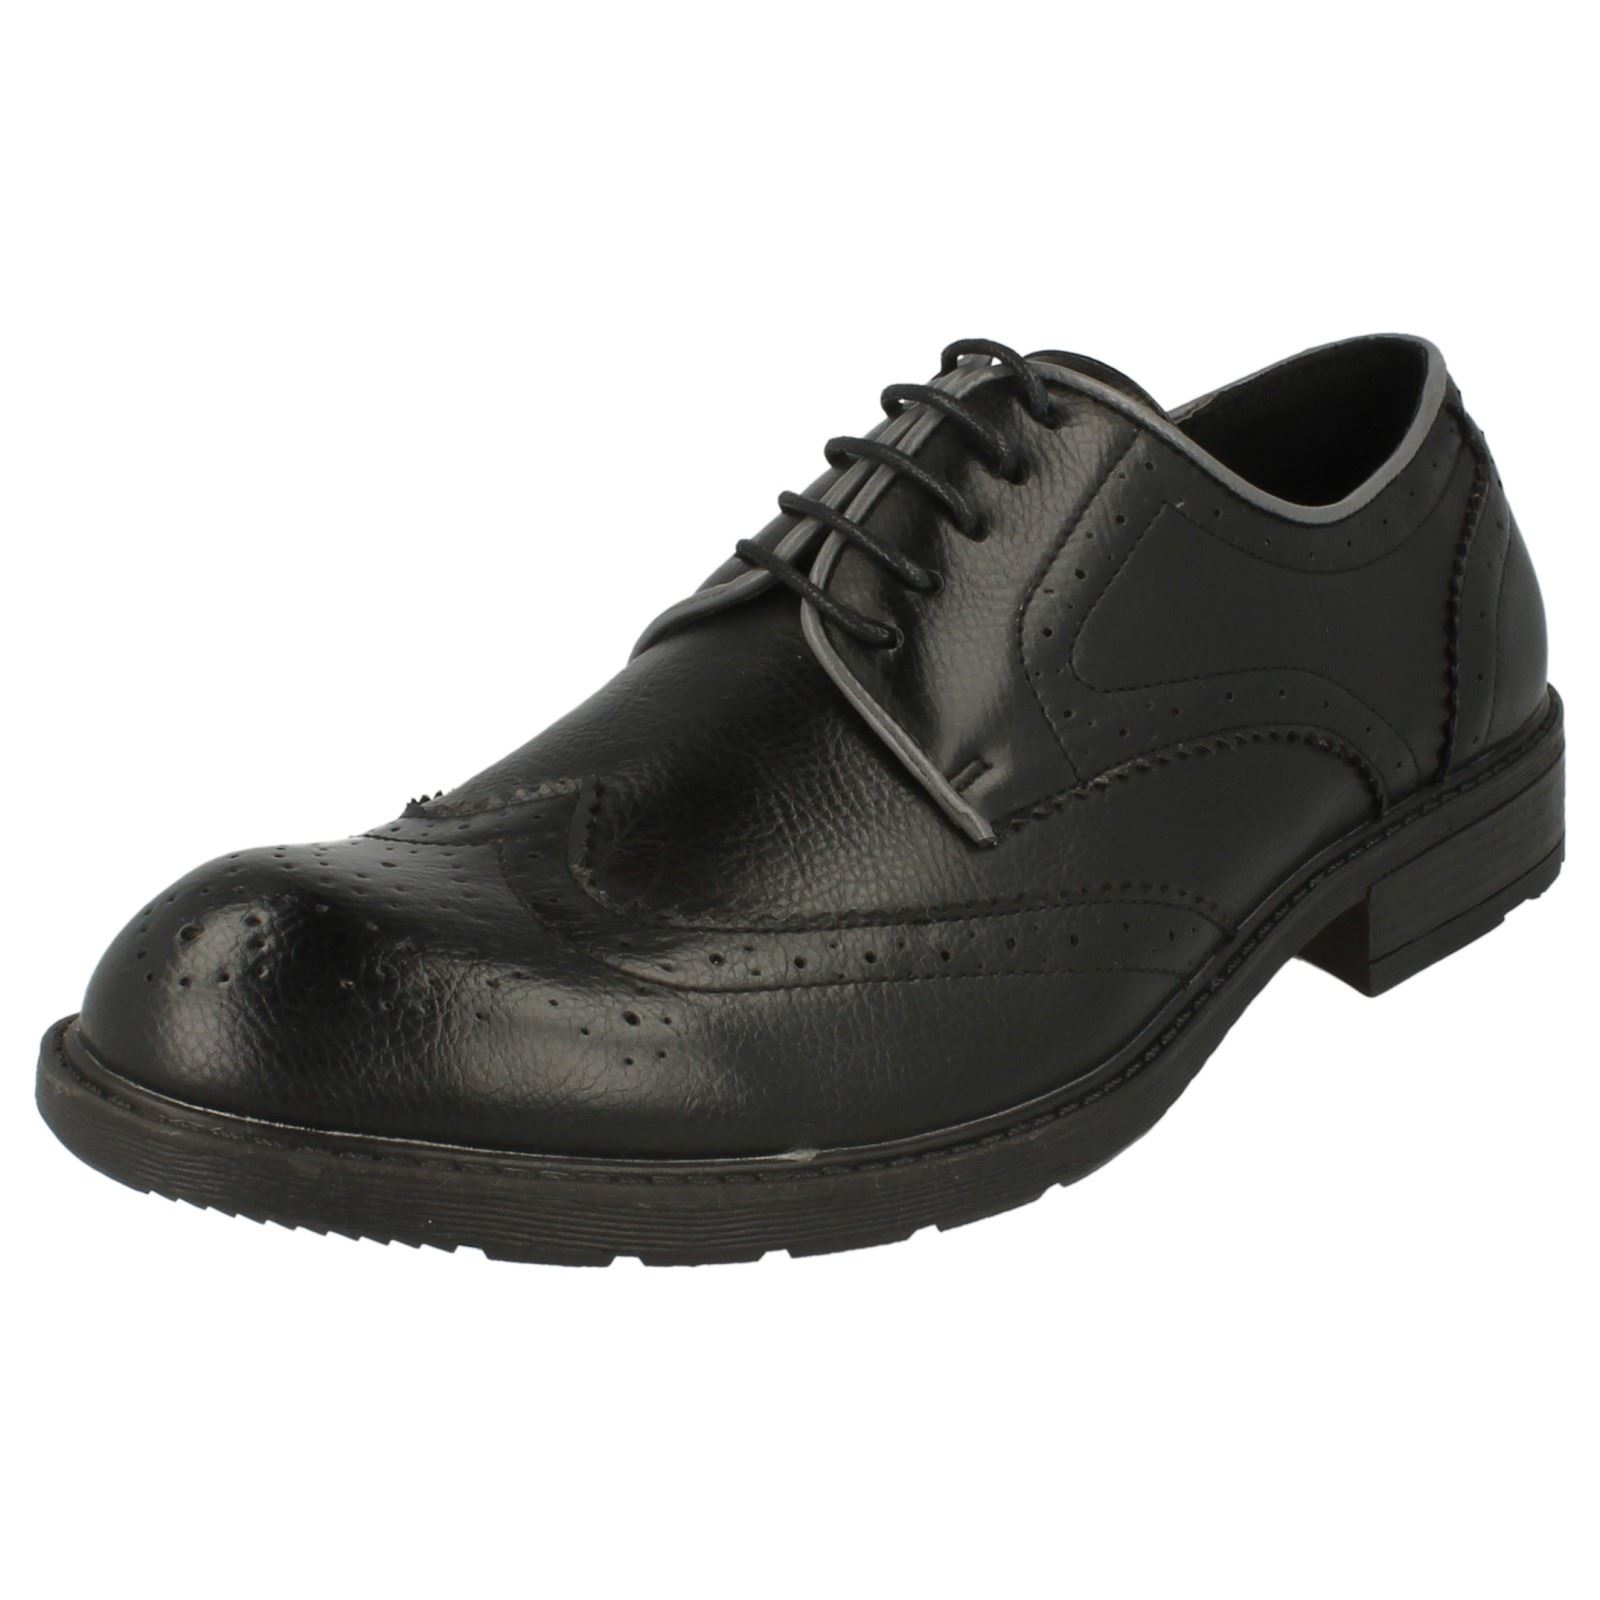 Hombre MAVERICK Tacón Bajo Zapato Cuero Calado Cordones